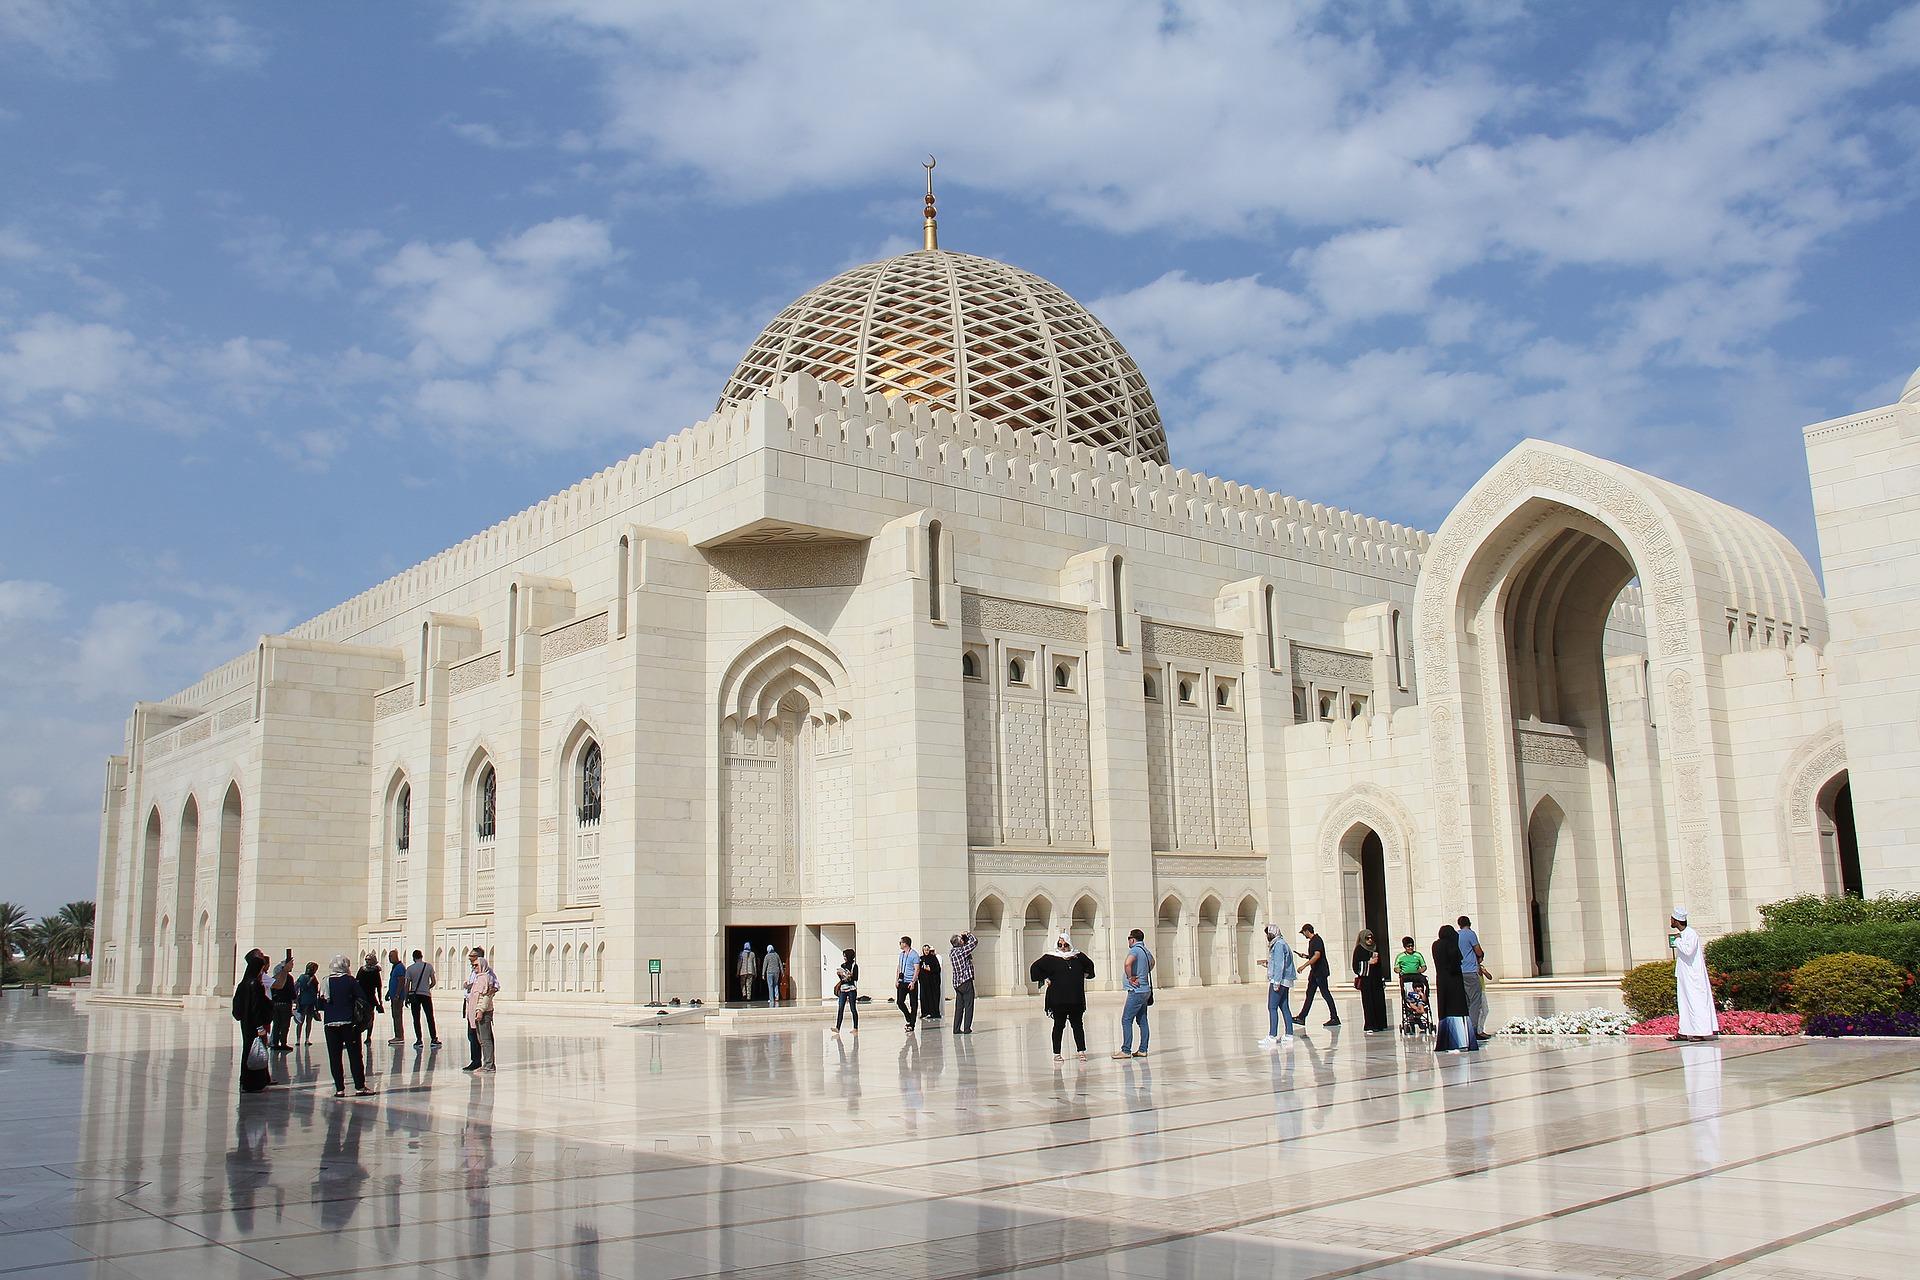 سلطنة عمان تسمح بفتح الجوامع والمساجد وتمدد تعليق القادمين إليها من 15 دولة